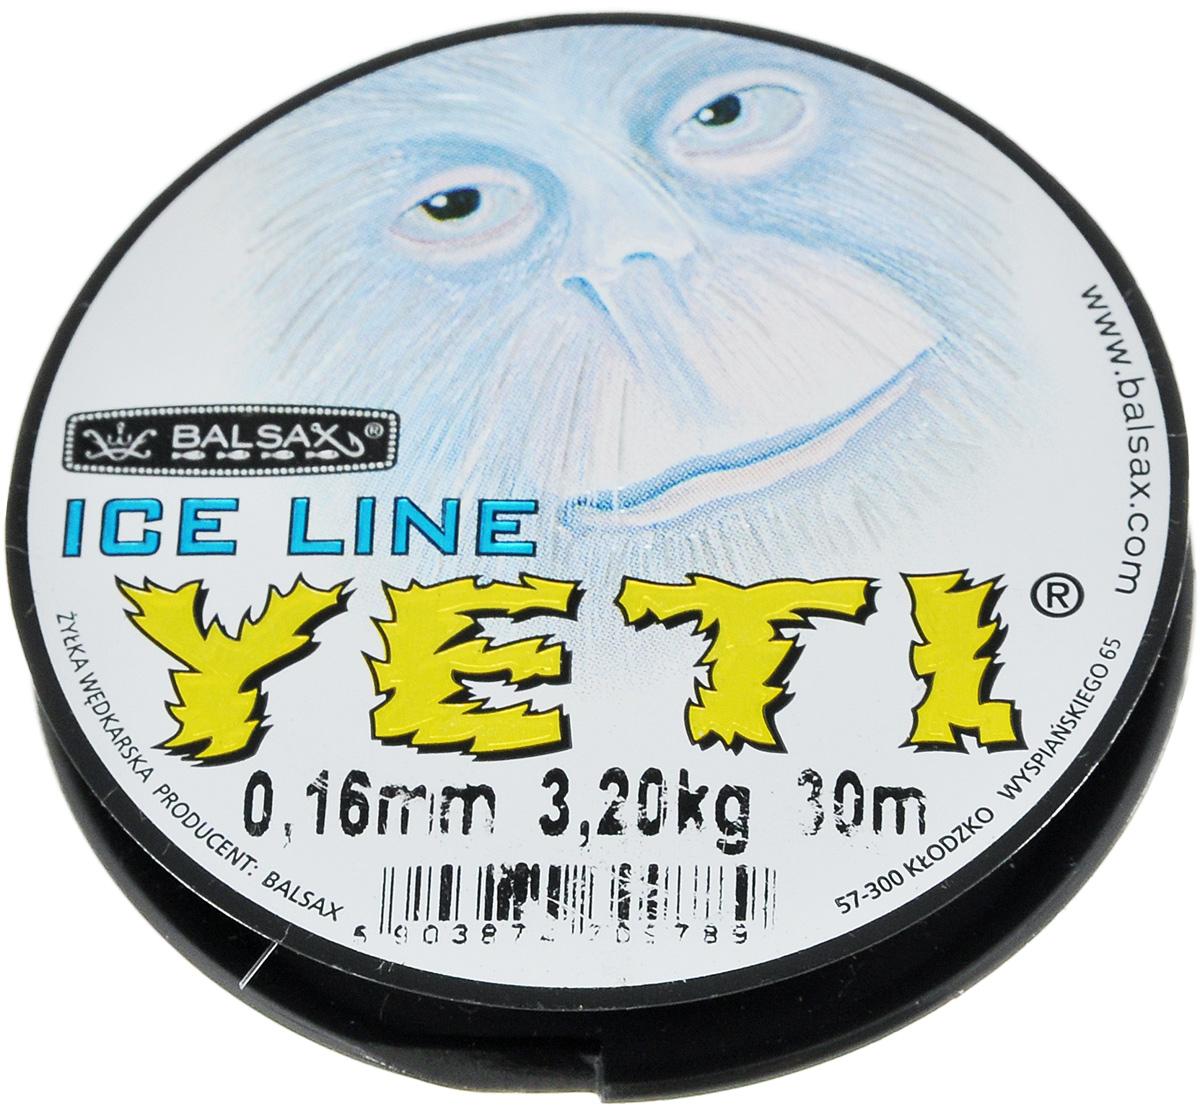 Леска зимняя Balsax Yeti, 30 м, 0,16 мм, 3,2 кг310-14016Леска зимняя Balsax Yeti изготовлена из 100% нейлона и очень хорошо выдерживаетнизкие температуры. Поверхность лески обработана таким образом, что она не обмерзает и отличноподходит для подледного лова. Прочна вместах вязки узлов даже при минимальном диаметре.